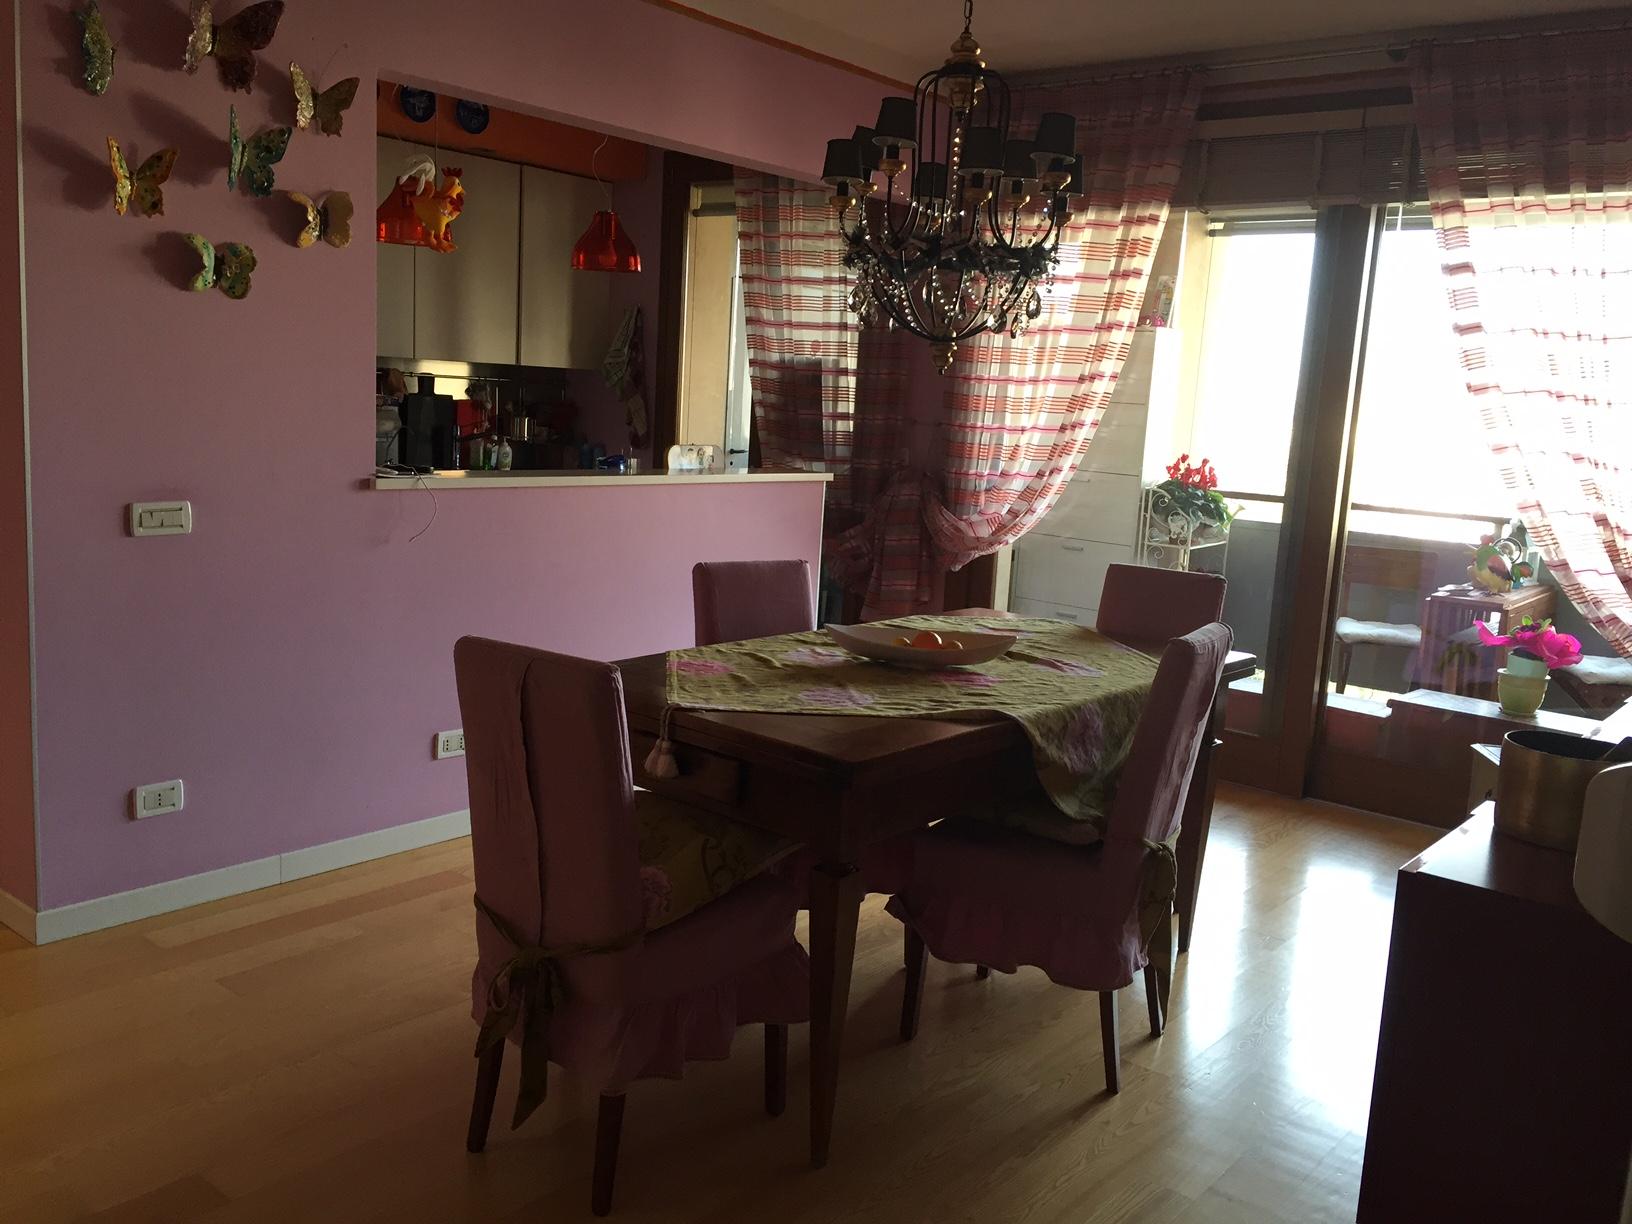 Appartamento in affitto a Santa Lucia di Piave, 6 locali, zona Zona: Sarano, prezzo € 750 | CambioCasa.it